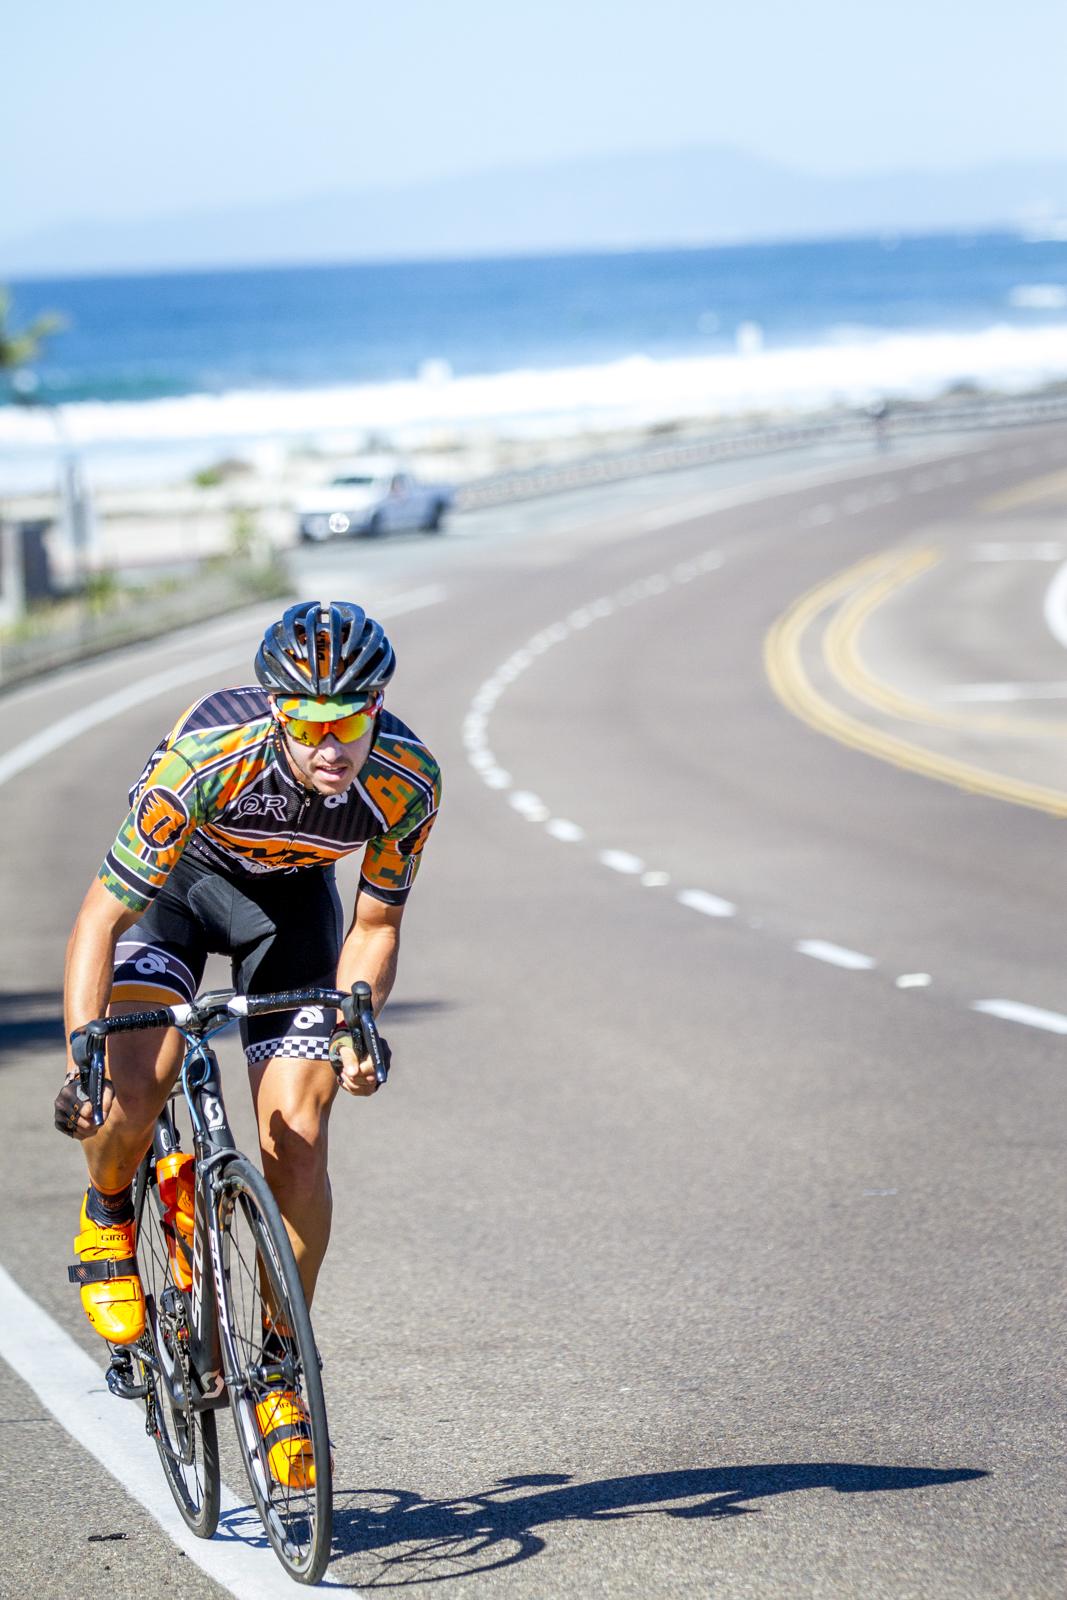 Adam Schepps    2012 San Diego Triathlon Series Elite Champion and 2x Ironman finisher, Adam is also a multi-sport coach for Breakaway Training.